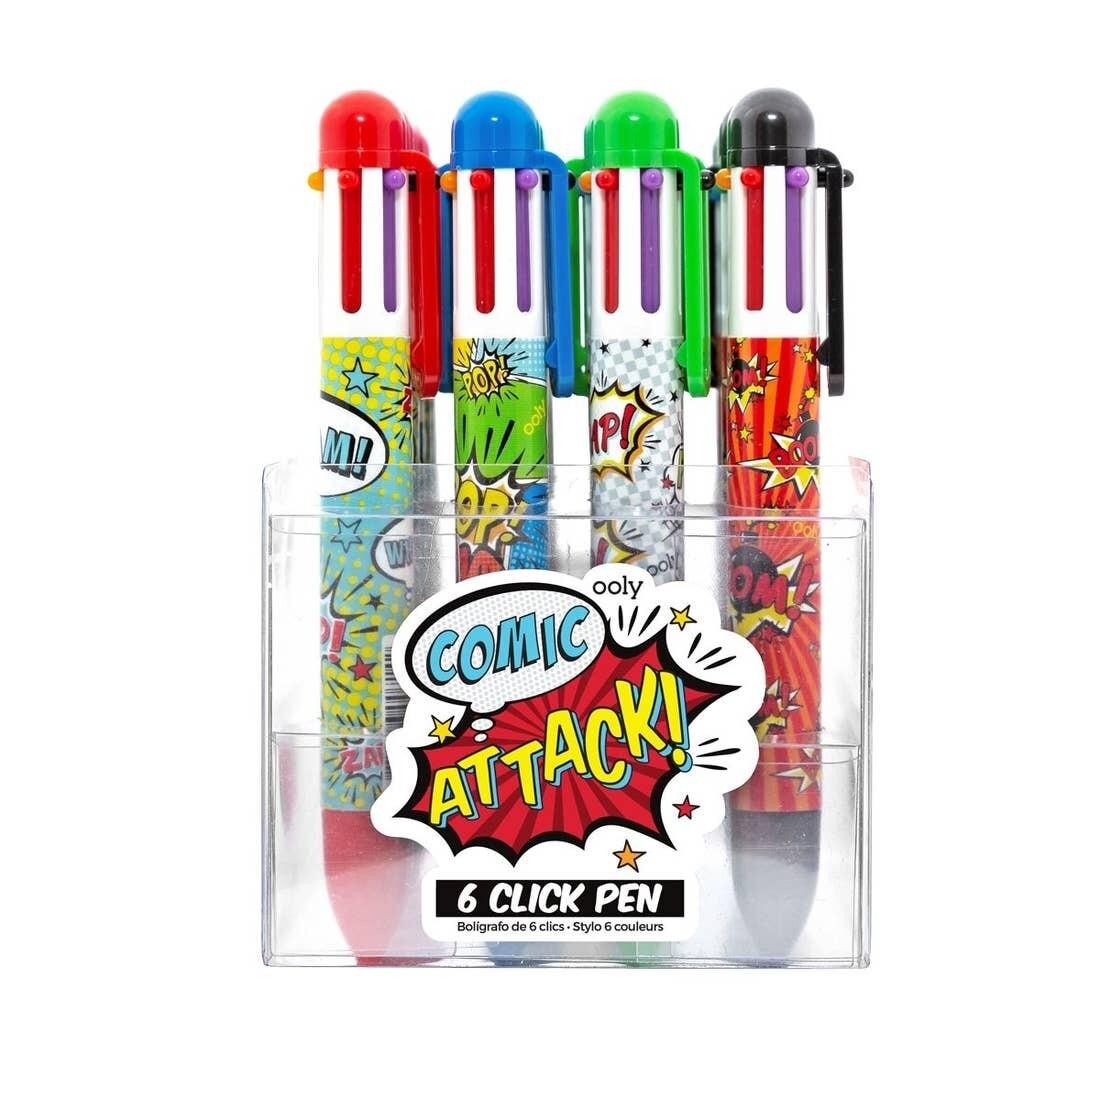 6 click pen, Comic Attack